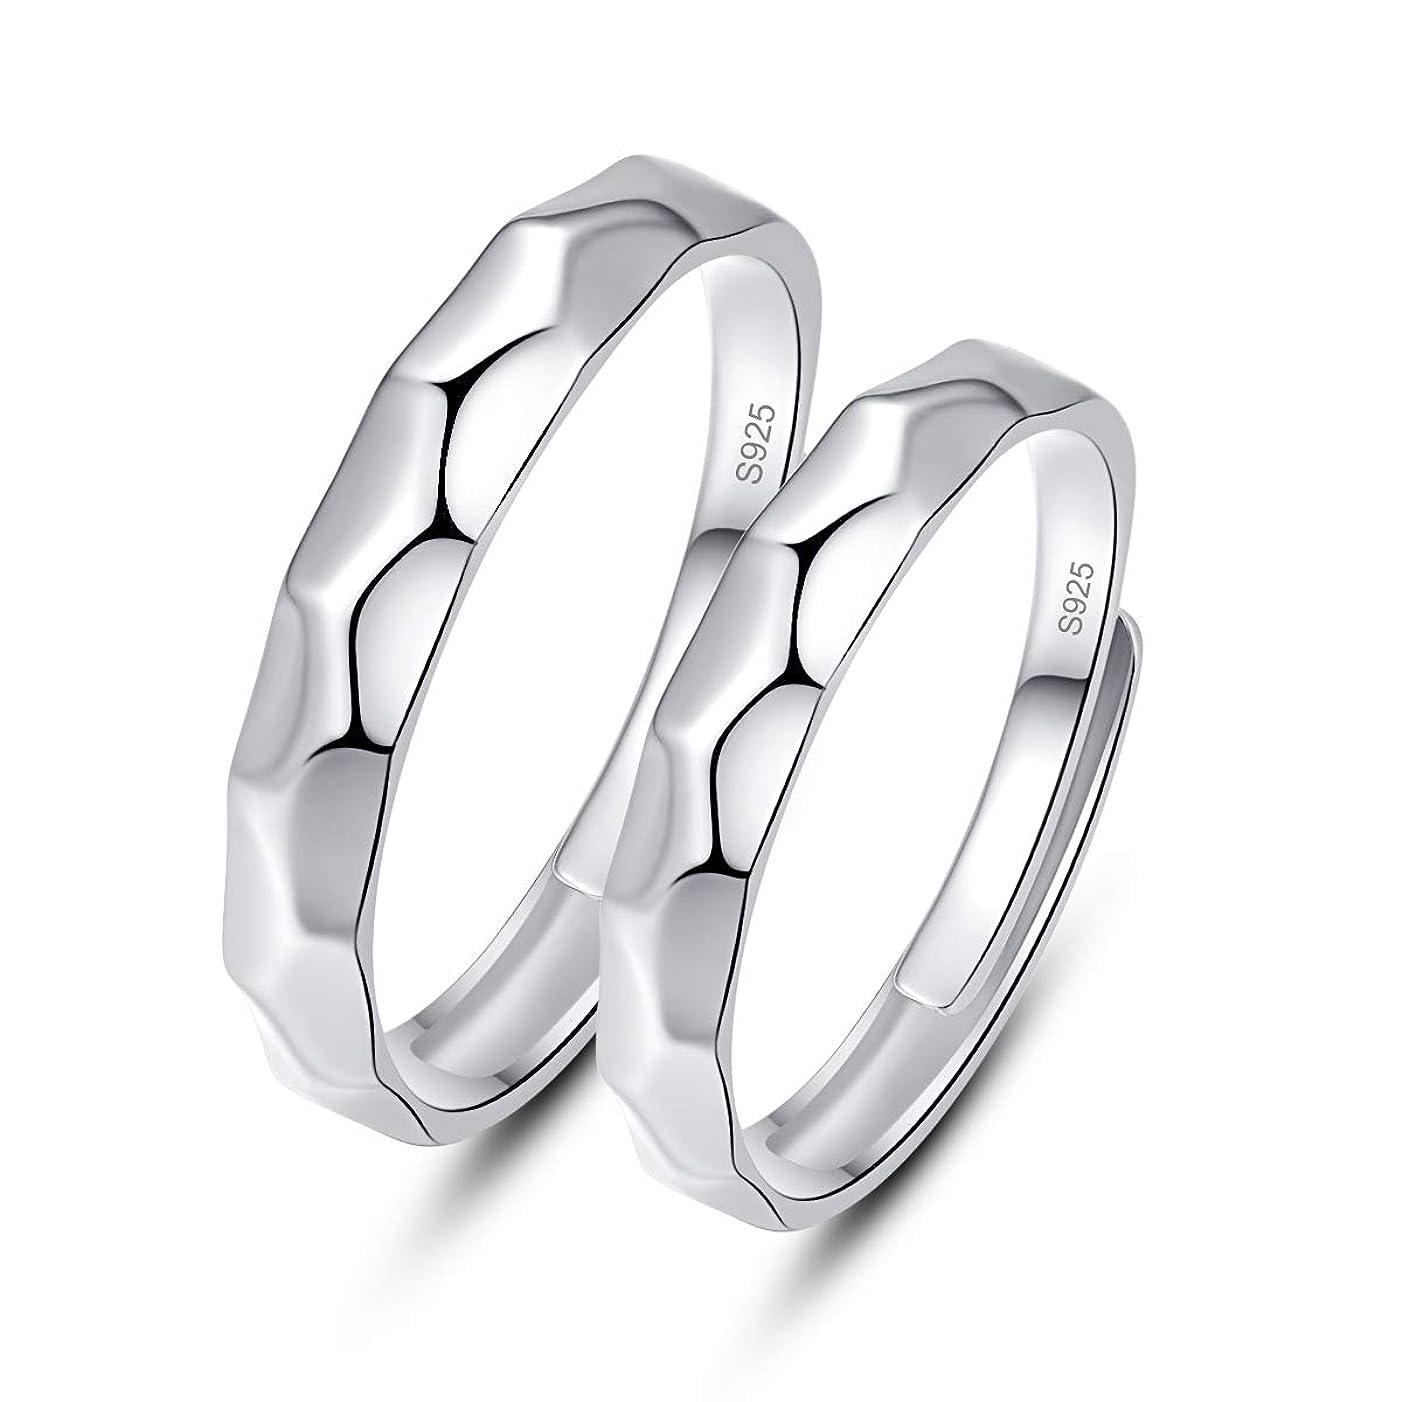 再編成する日記鳴り響くJQUEEN 槌目 ペアリング カップル 婚約指輪 オープン シルバー925 純銀製指輪 フリーサイズ (カップル)